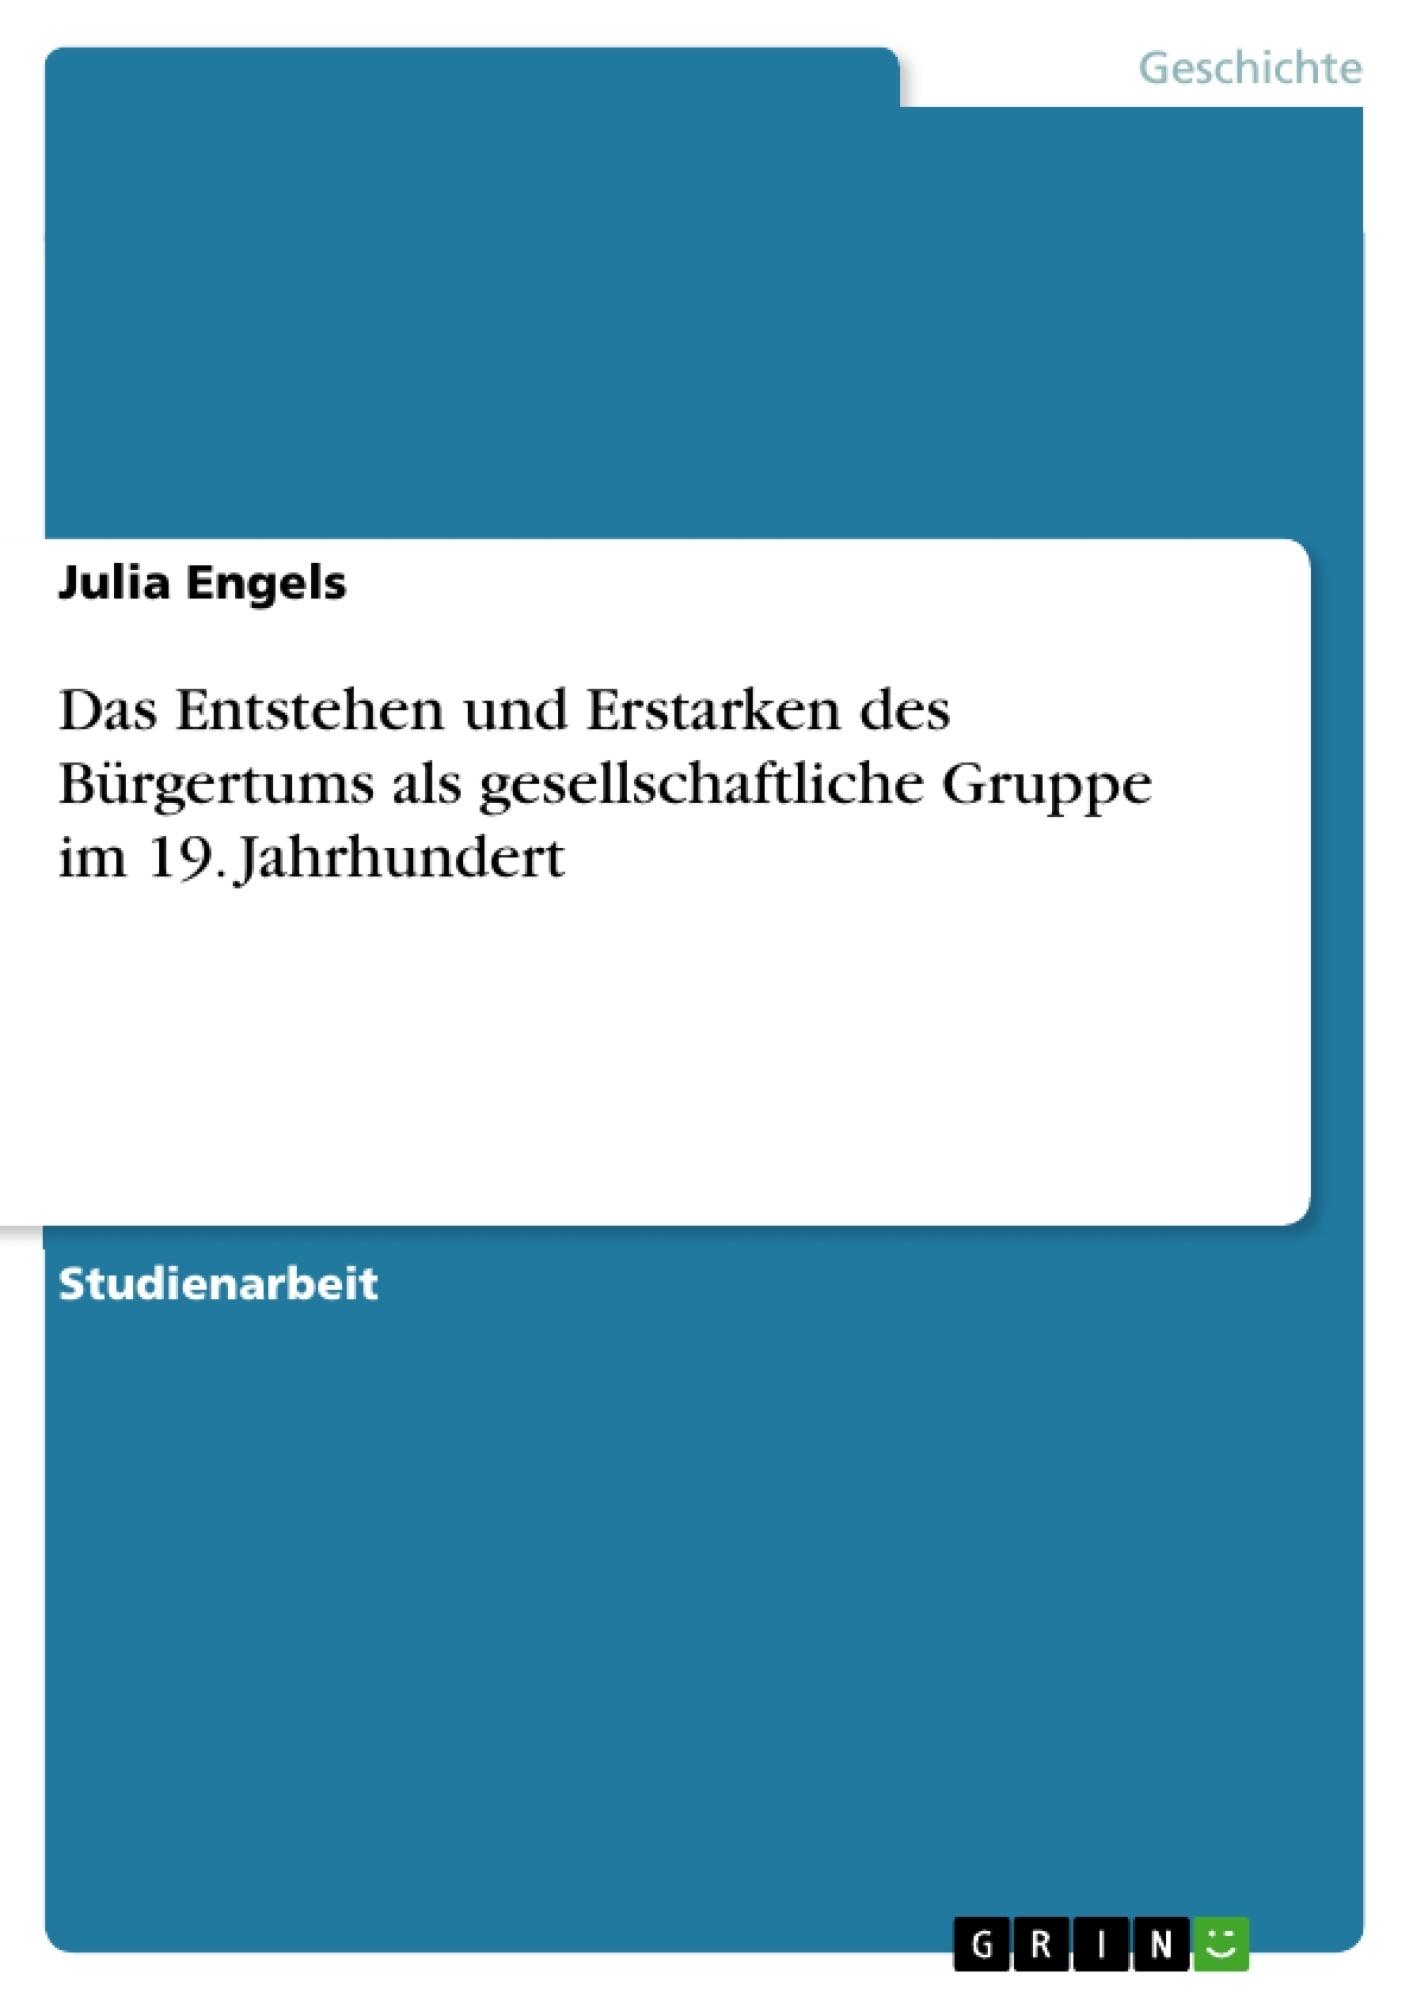 Titel: Das Entstehen und Erstarken des Bürgertums als gesellschaftliche Gruppe im 19. Jahrhundert